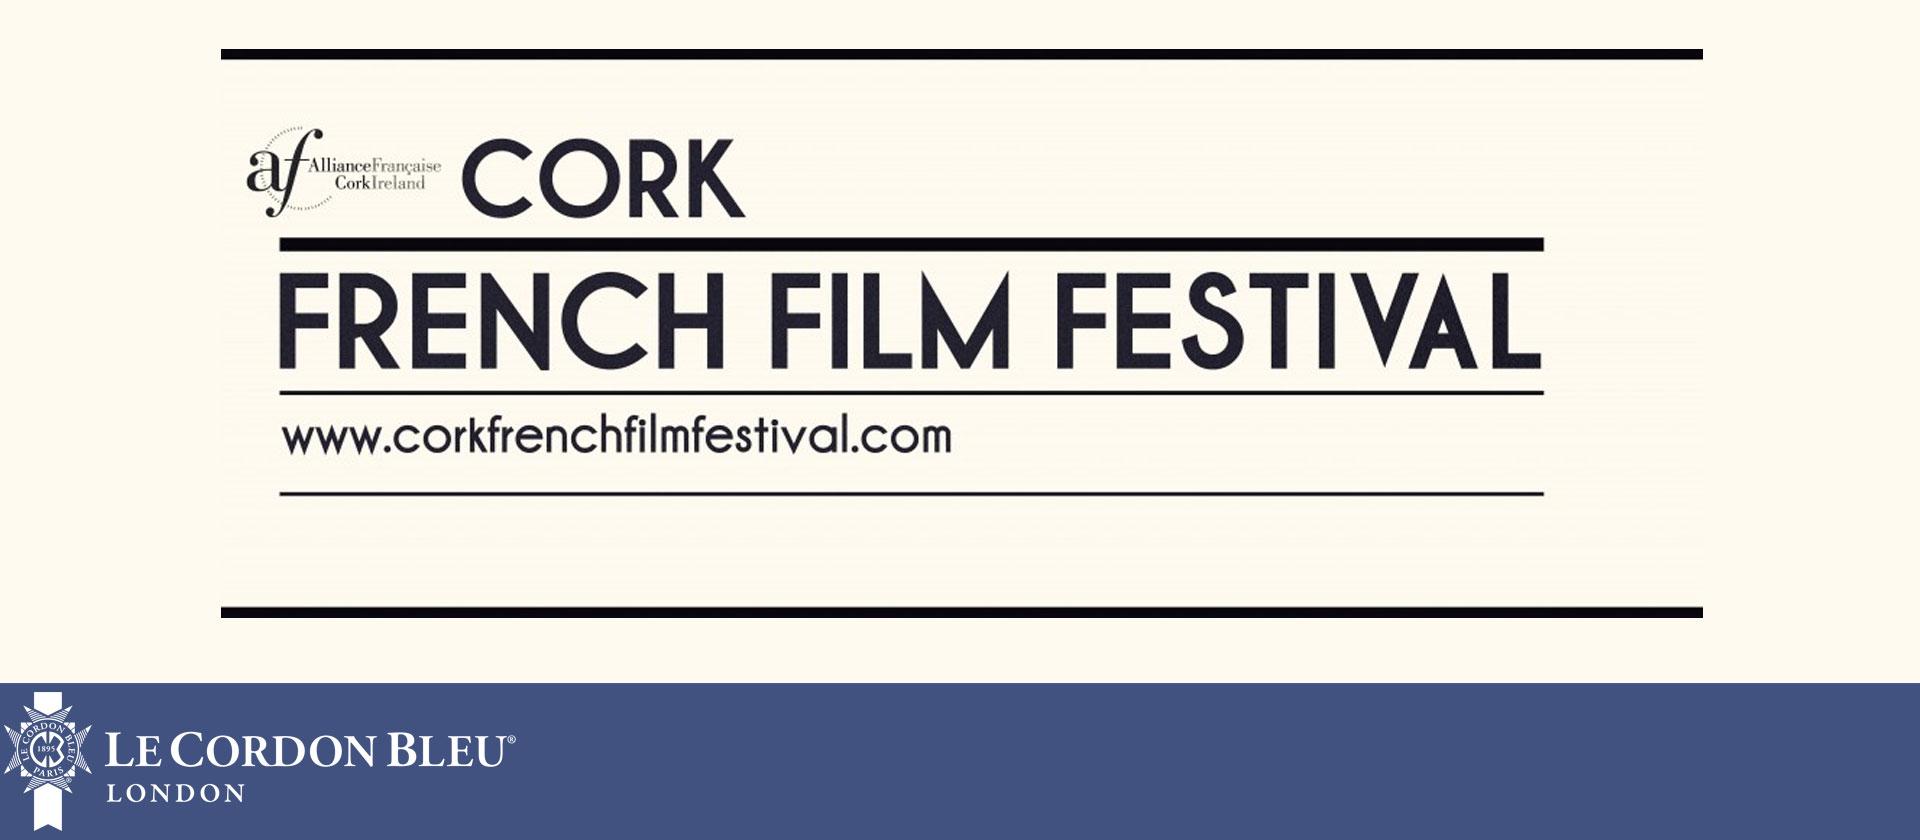 Le Cordon Bleu London at Cork French Film Festival 2016